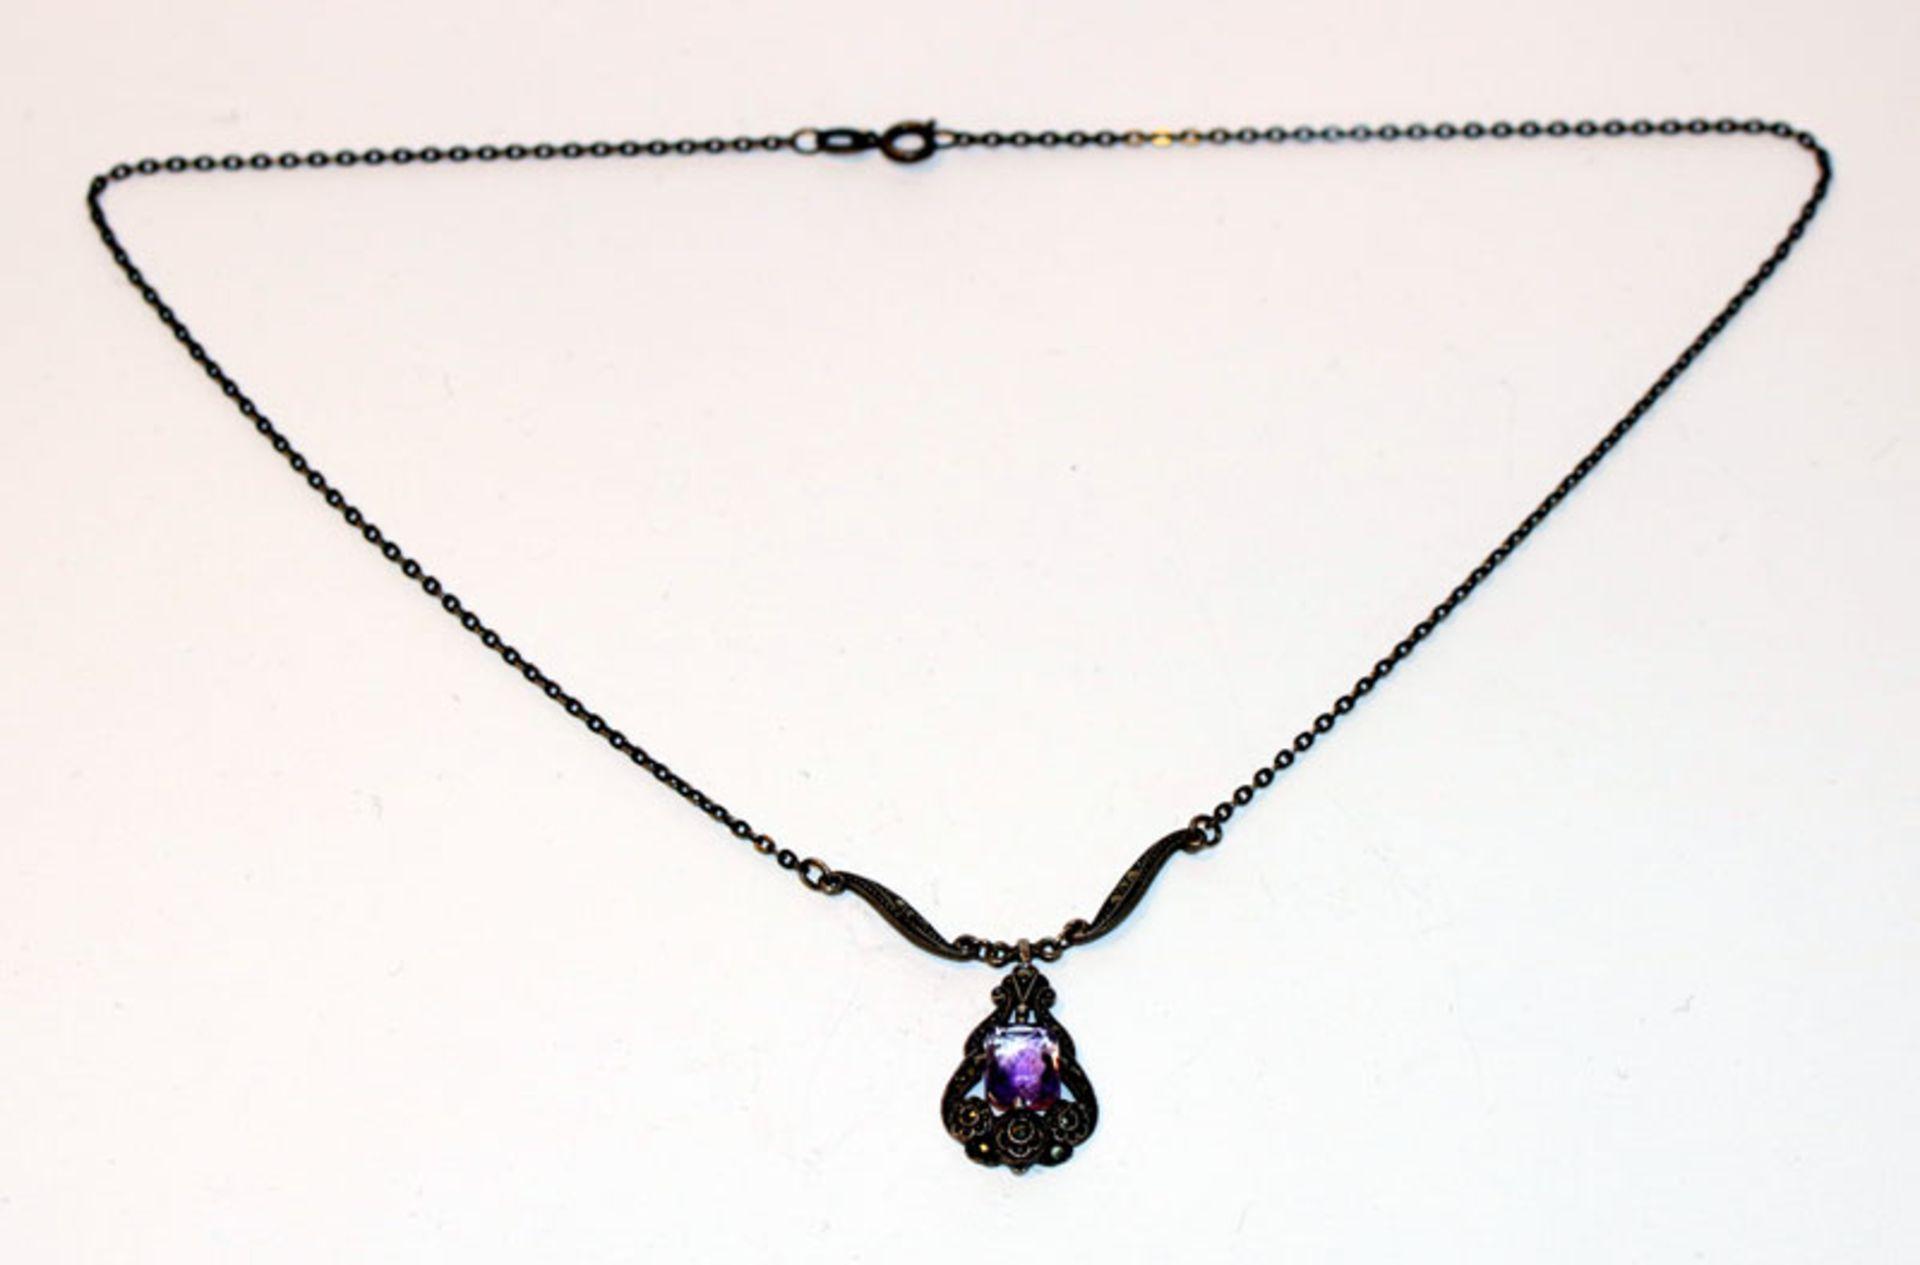 Collierkette, 835 Silber mit Markasiten und lila Stein, L 42 cm